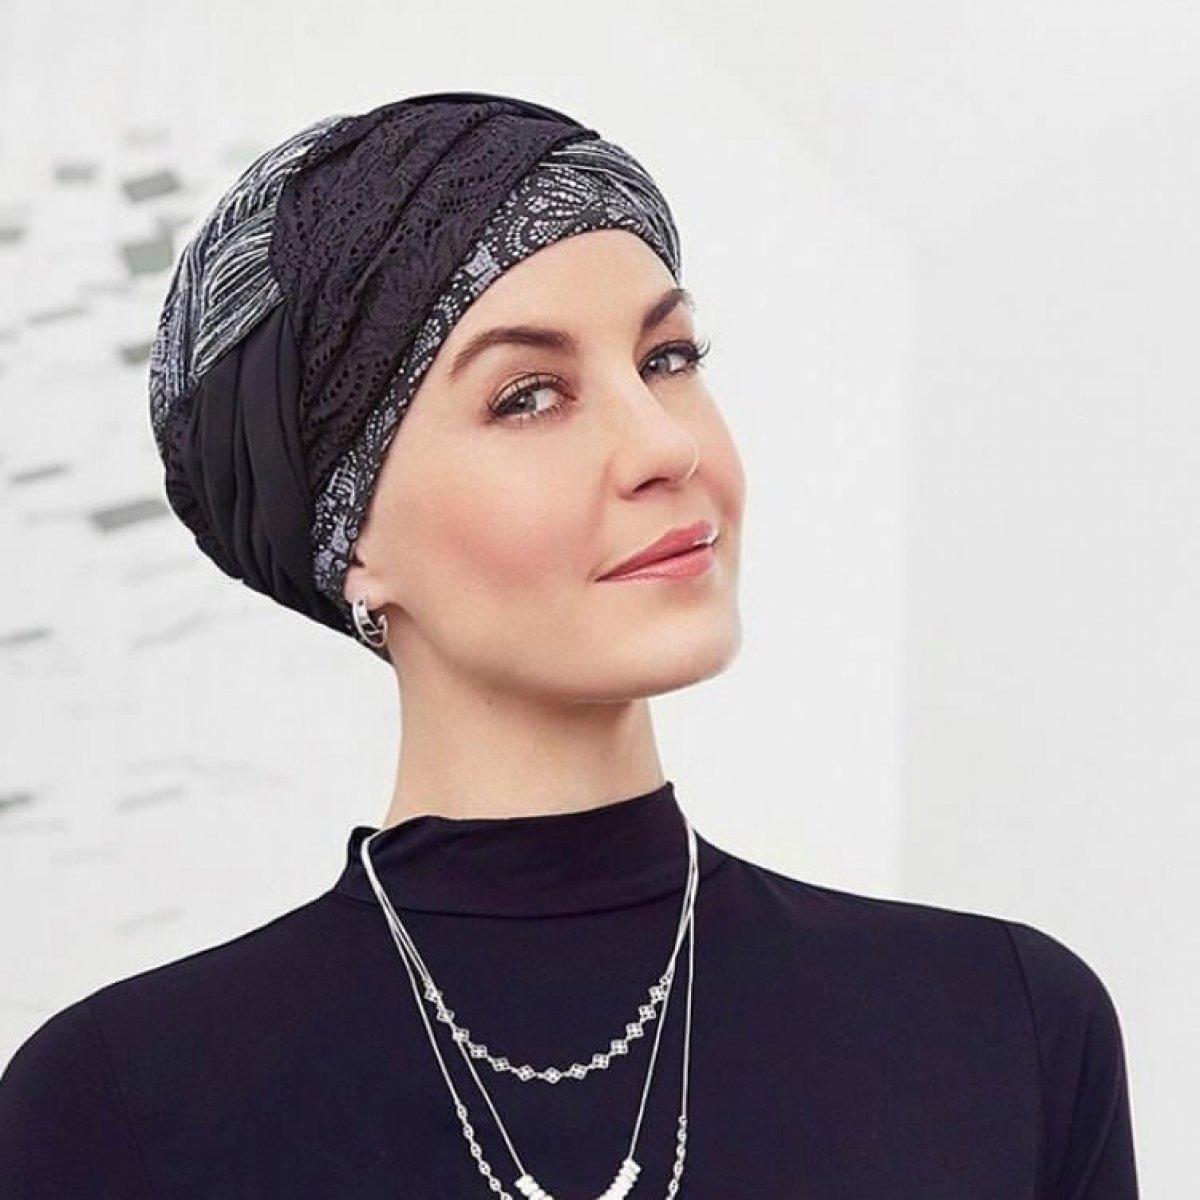 les turbans chimiothérapies féminins en loire atlantique 44